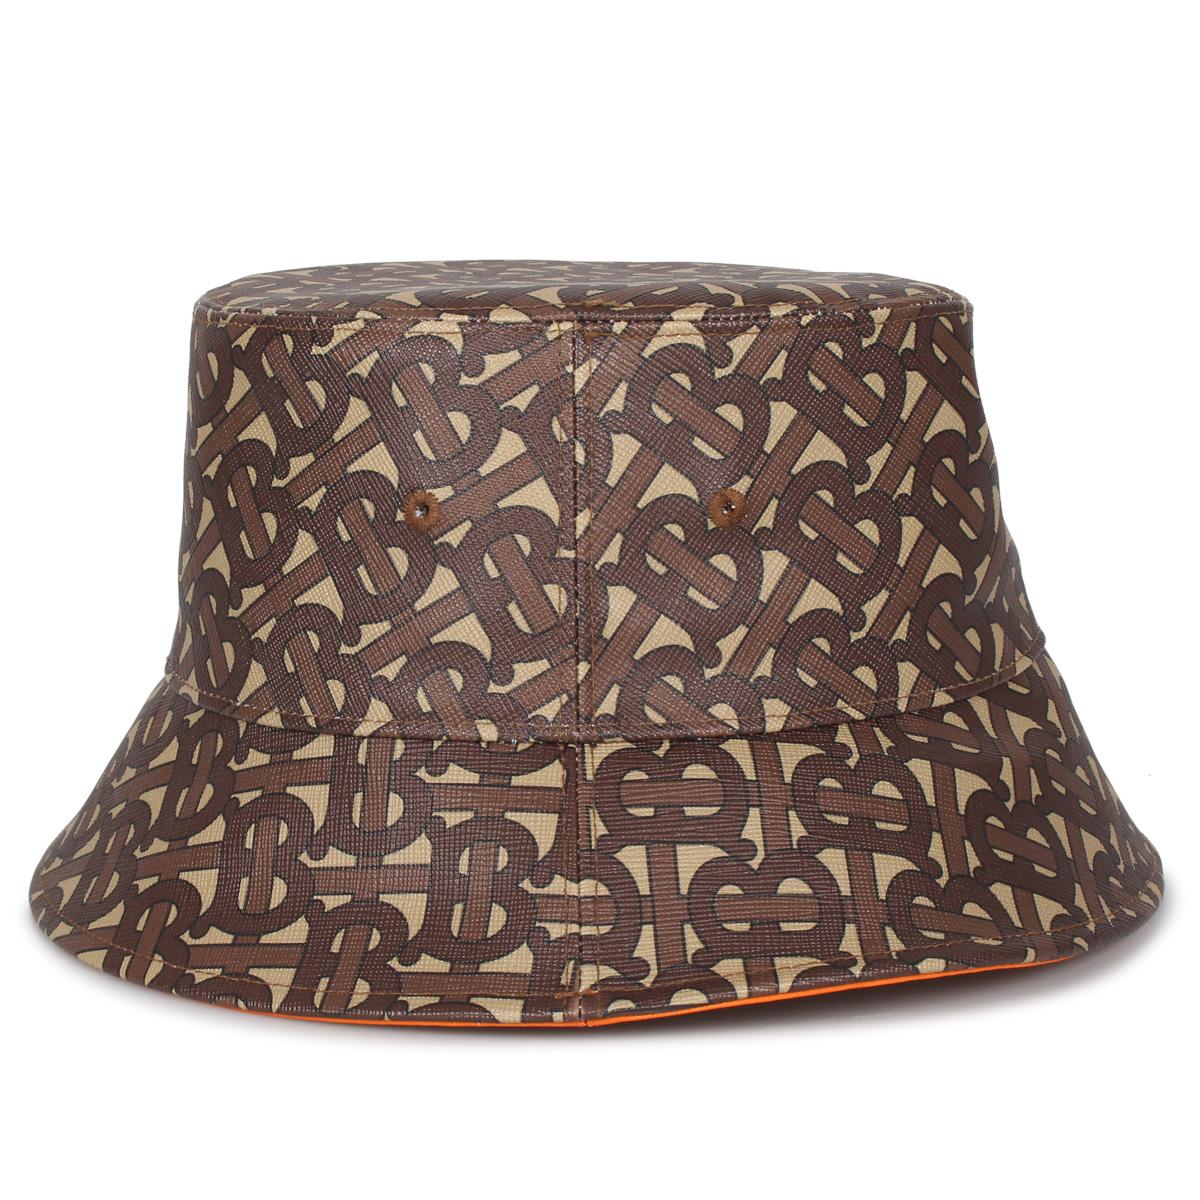 BURBERRY BUCKET HAT バーバリー ハット キャップ 帽子 バケットハット メンズ レディース ブラウン 8023808